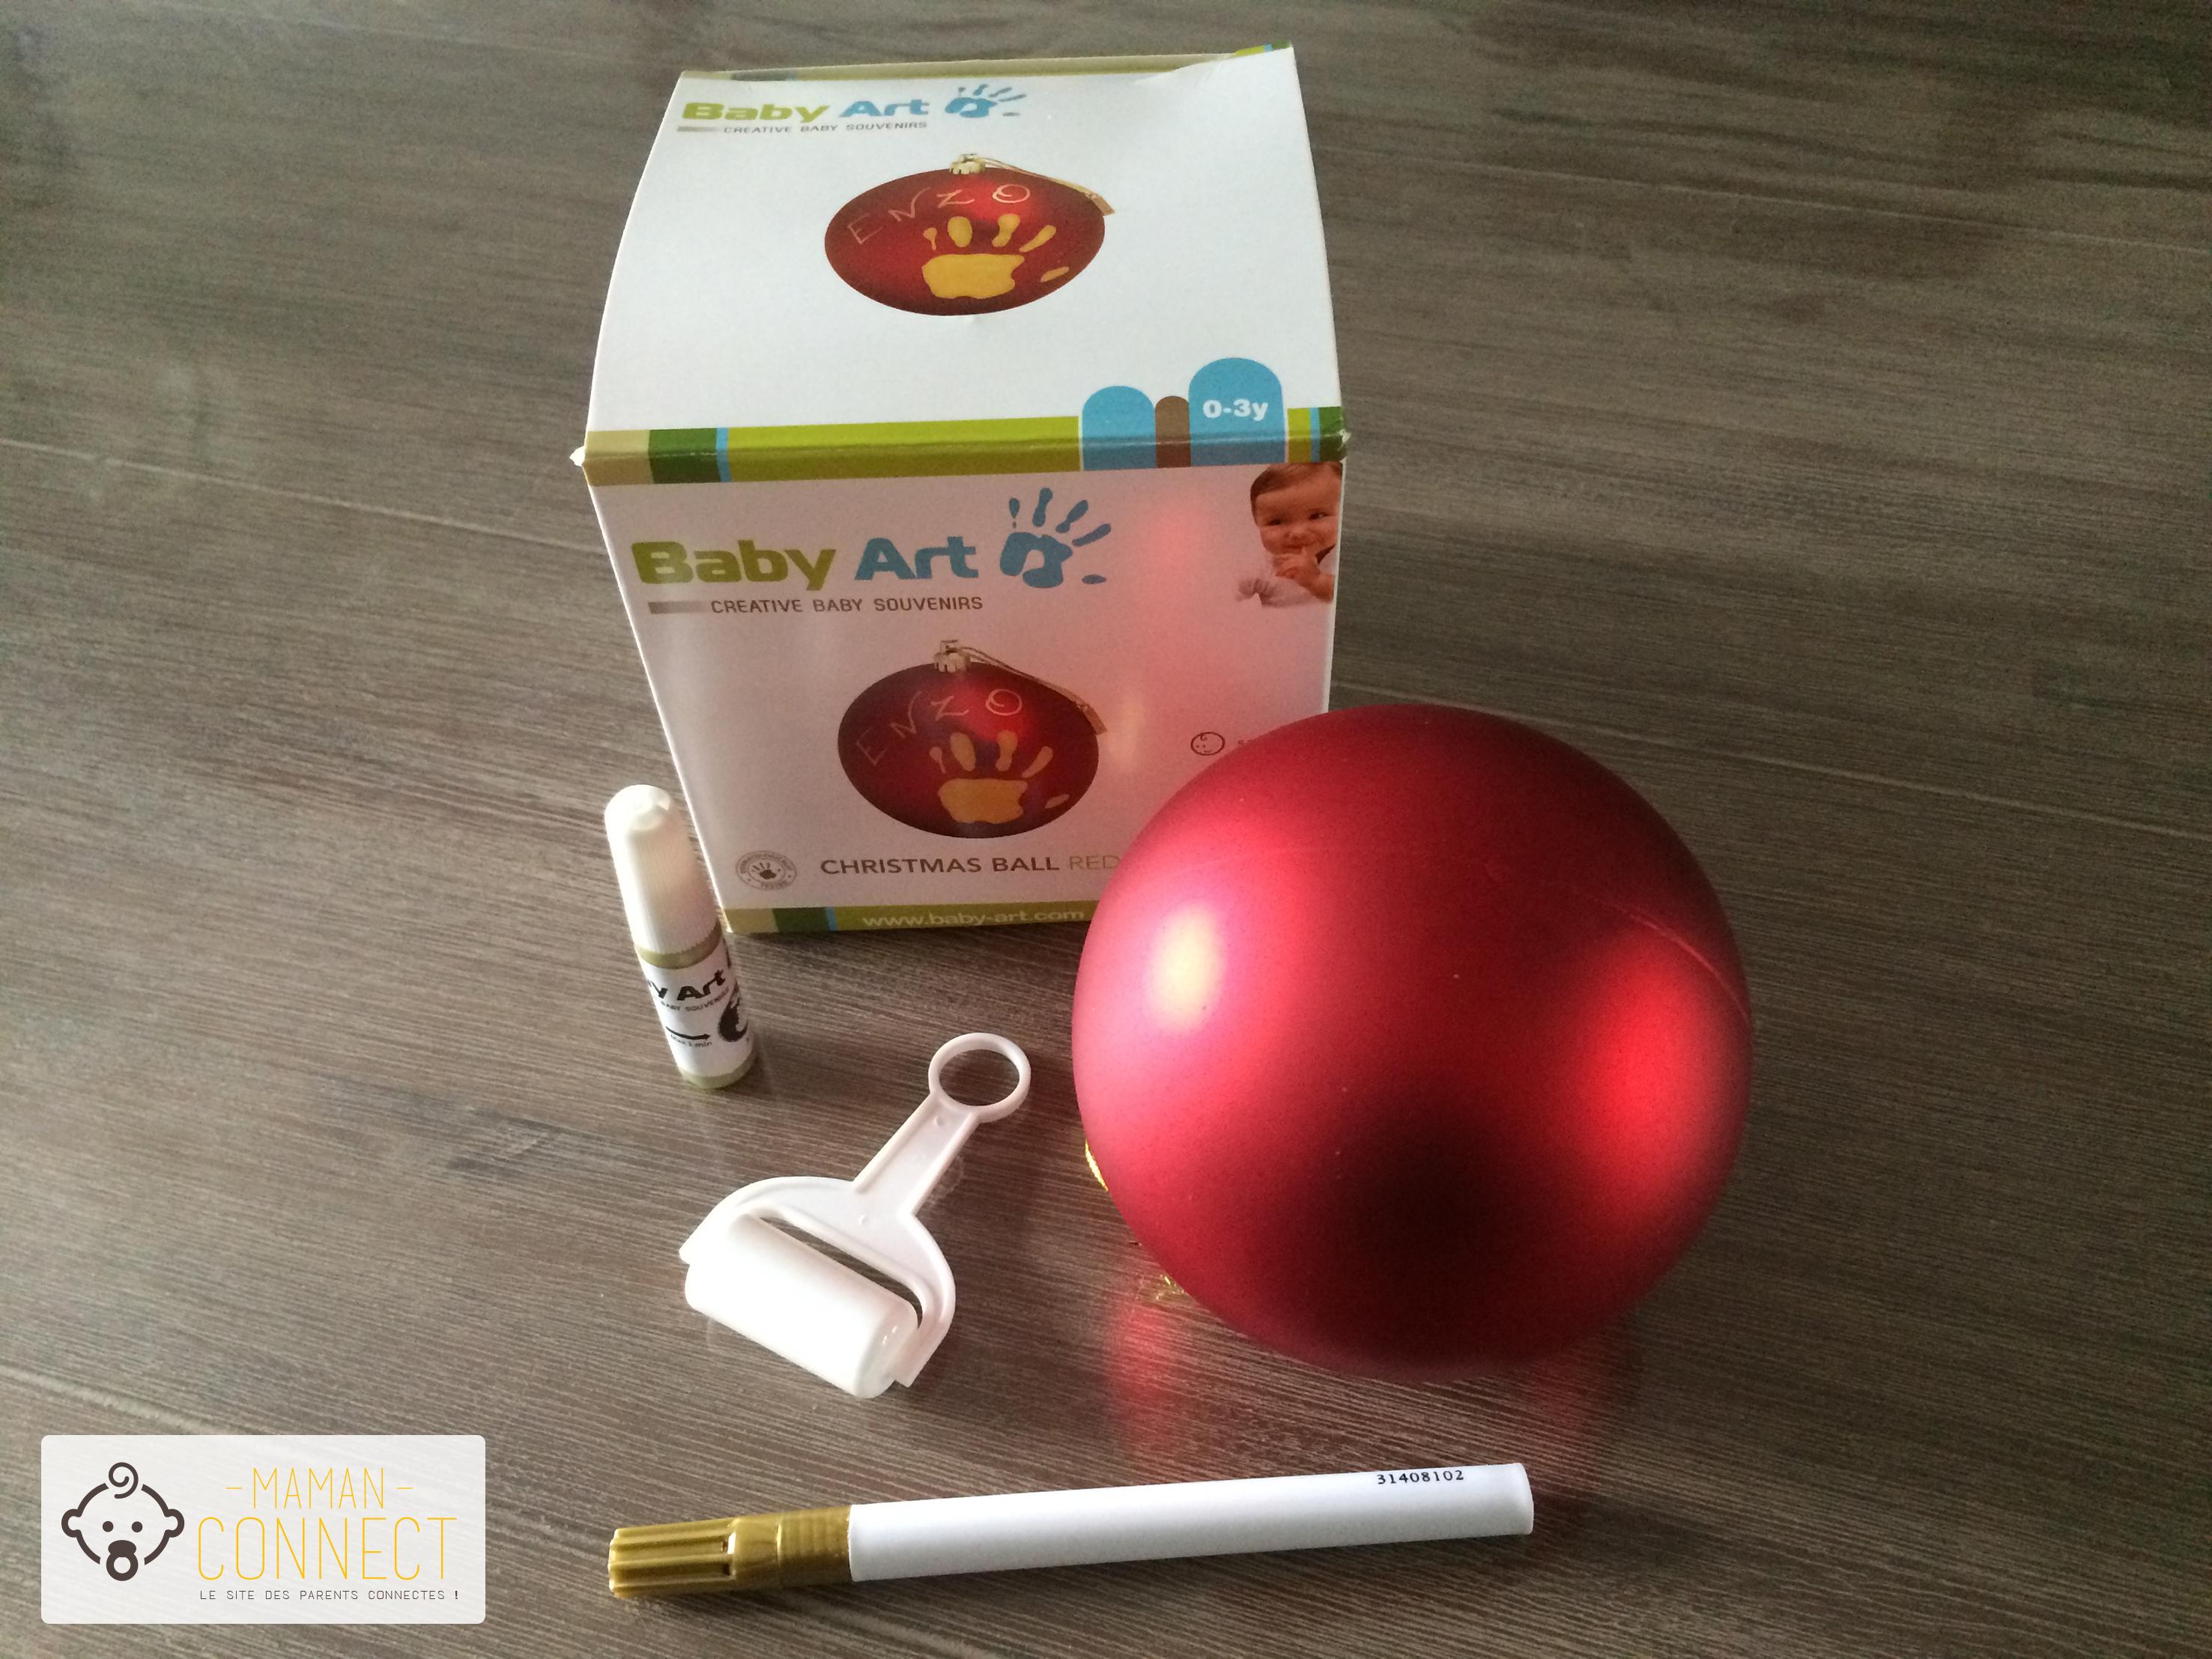 Personnaliser Une Boule De Noel Transparente boule de noël personnalisée - maman connect